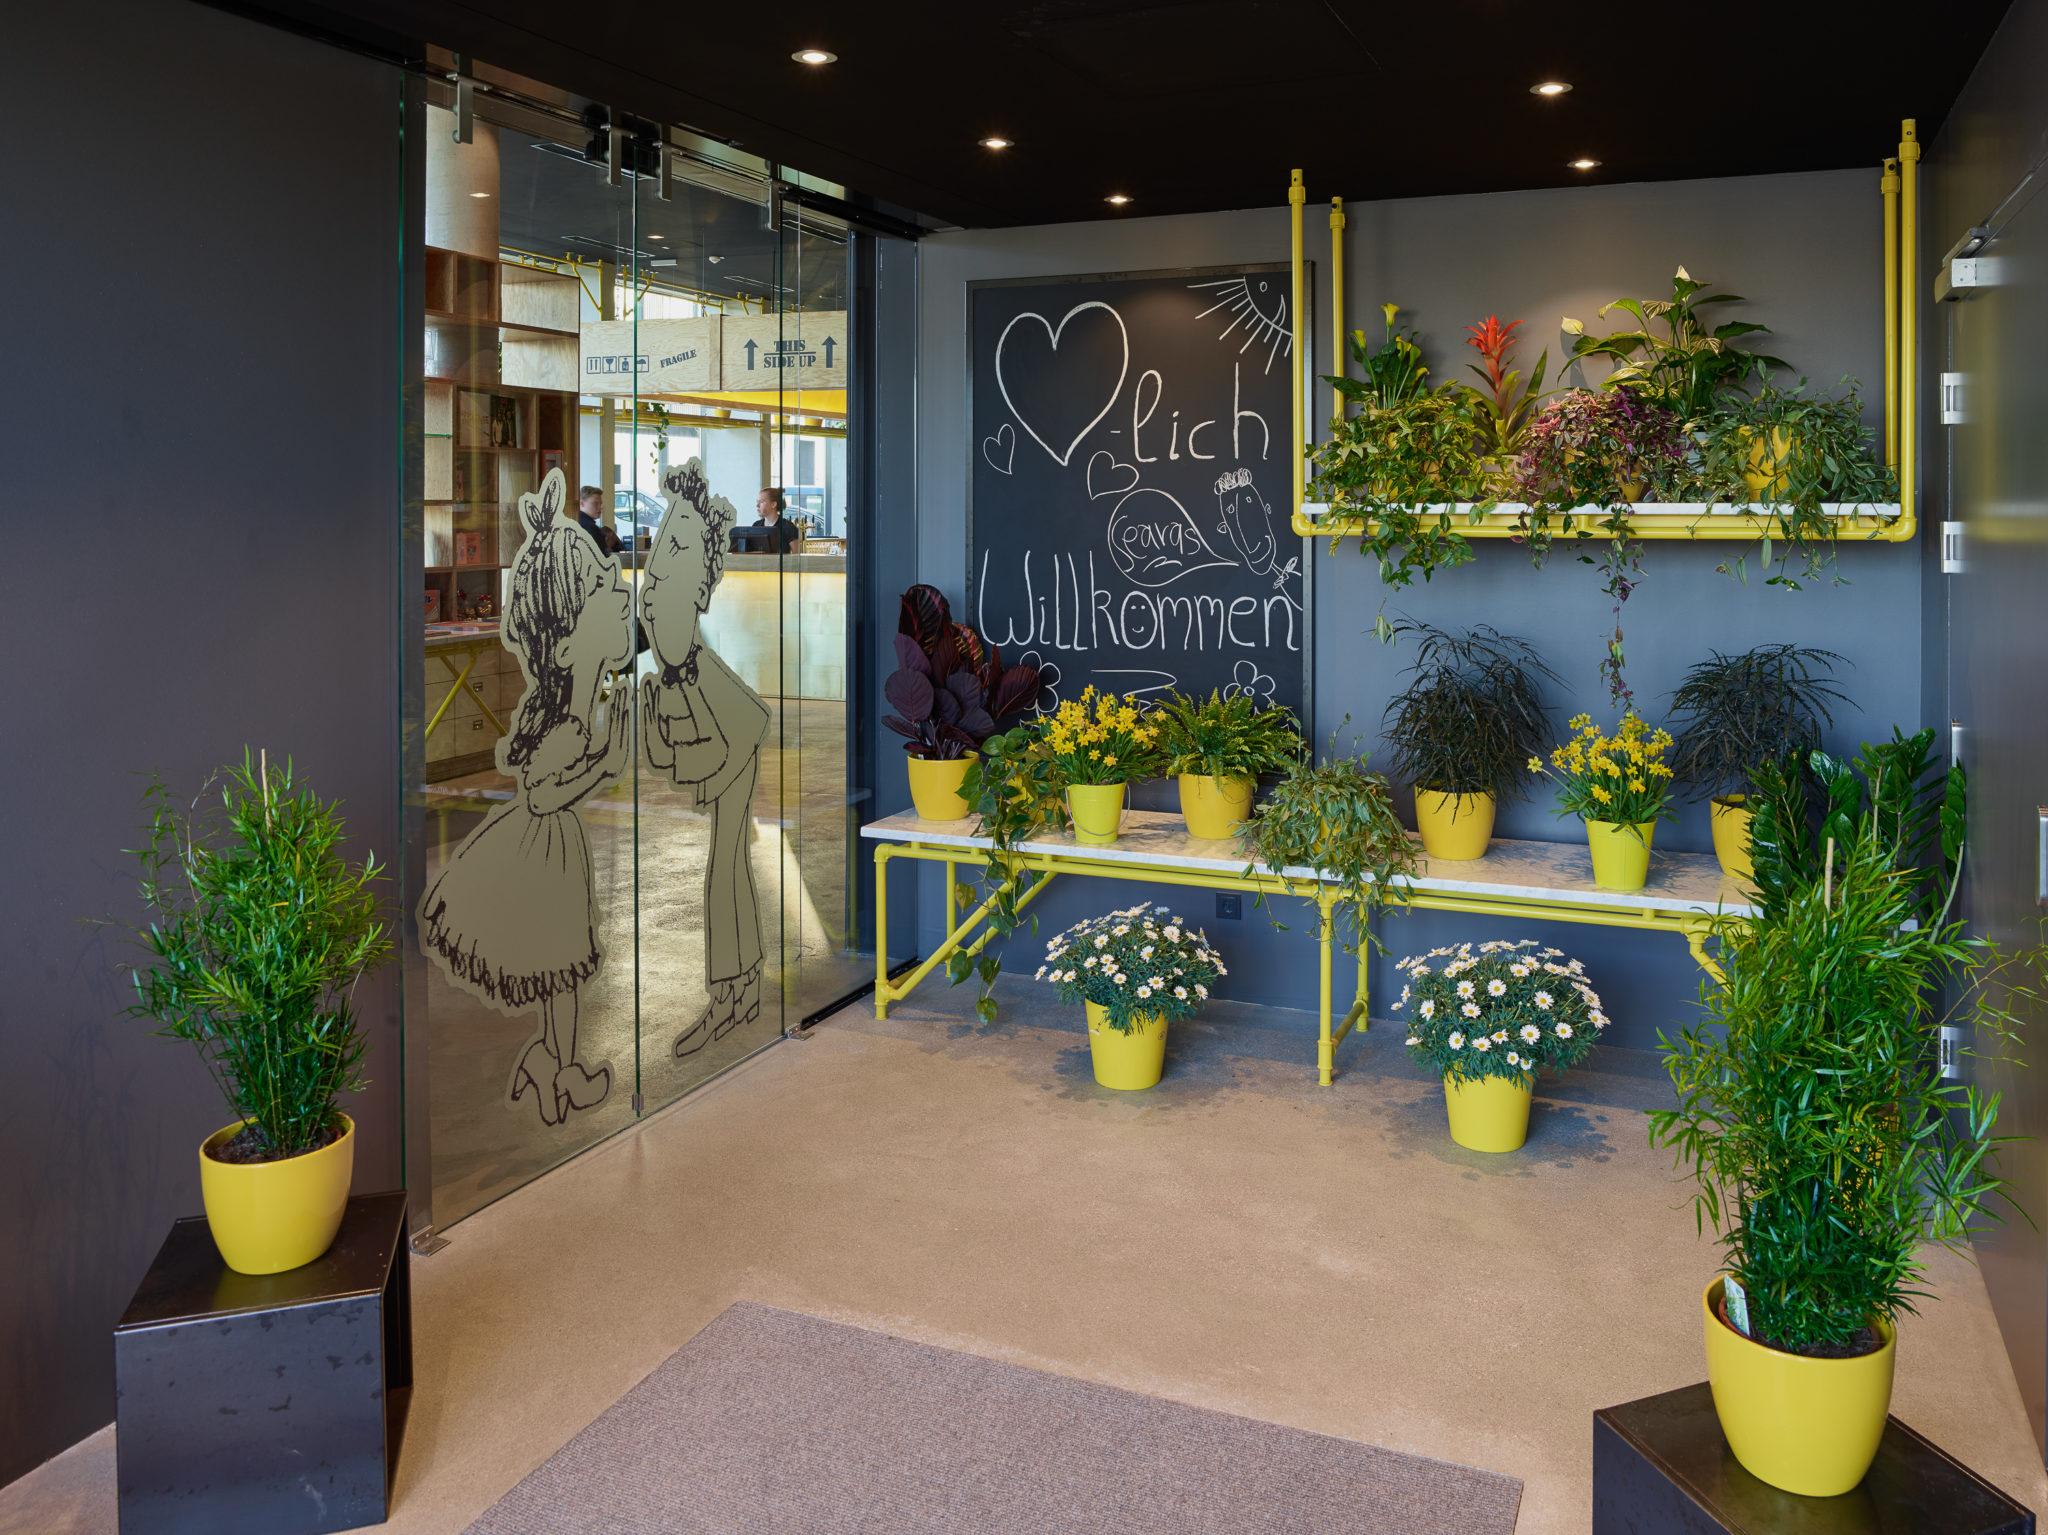 Eingang des nachhaltigen Hotel Schani in Wien © Kurt Hoerbst 2015